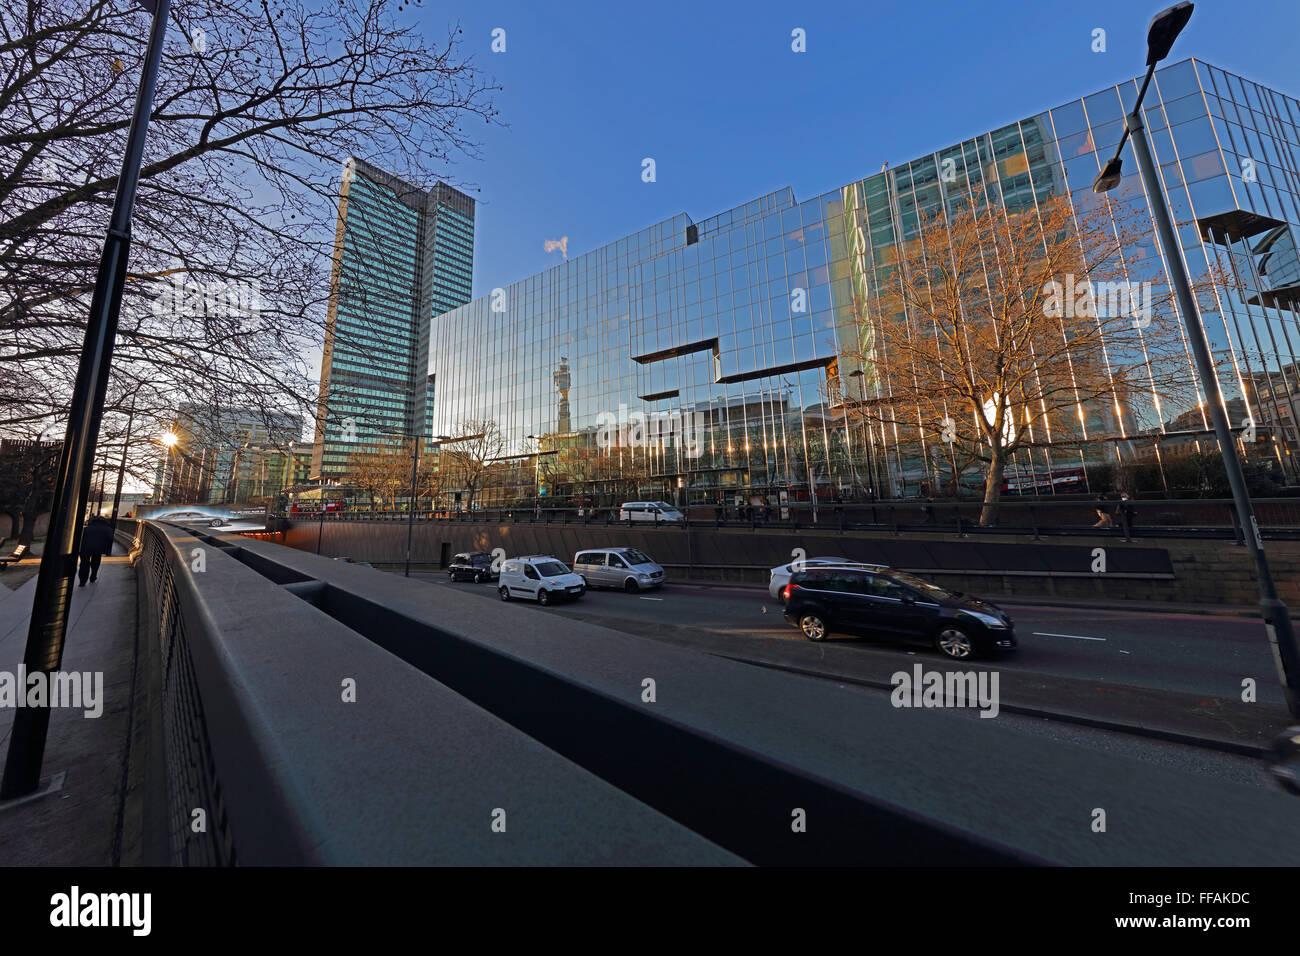 Euston Türmen und einem großen Glas fronted Gebäude der Post Office Tower in den Fenstern reflektieren, Stockbild